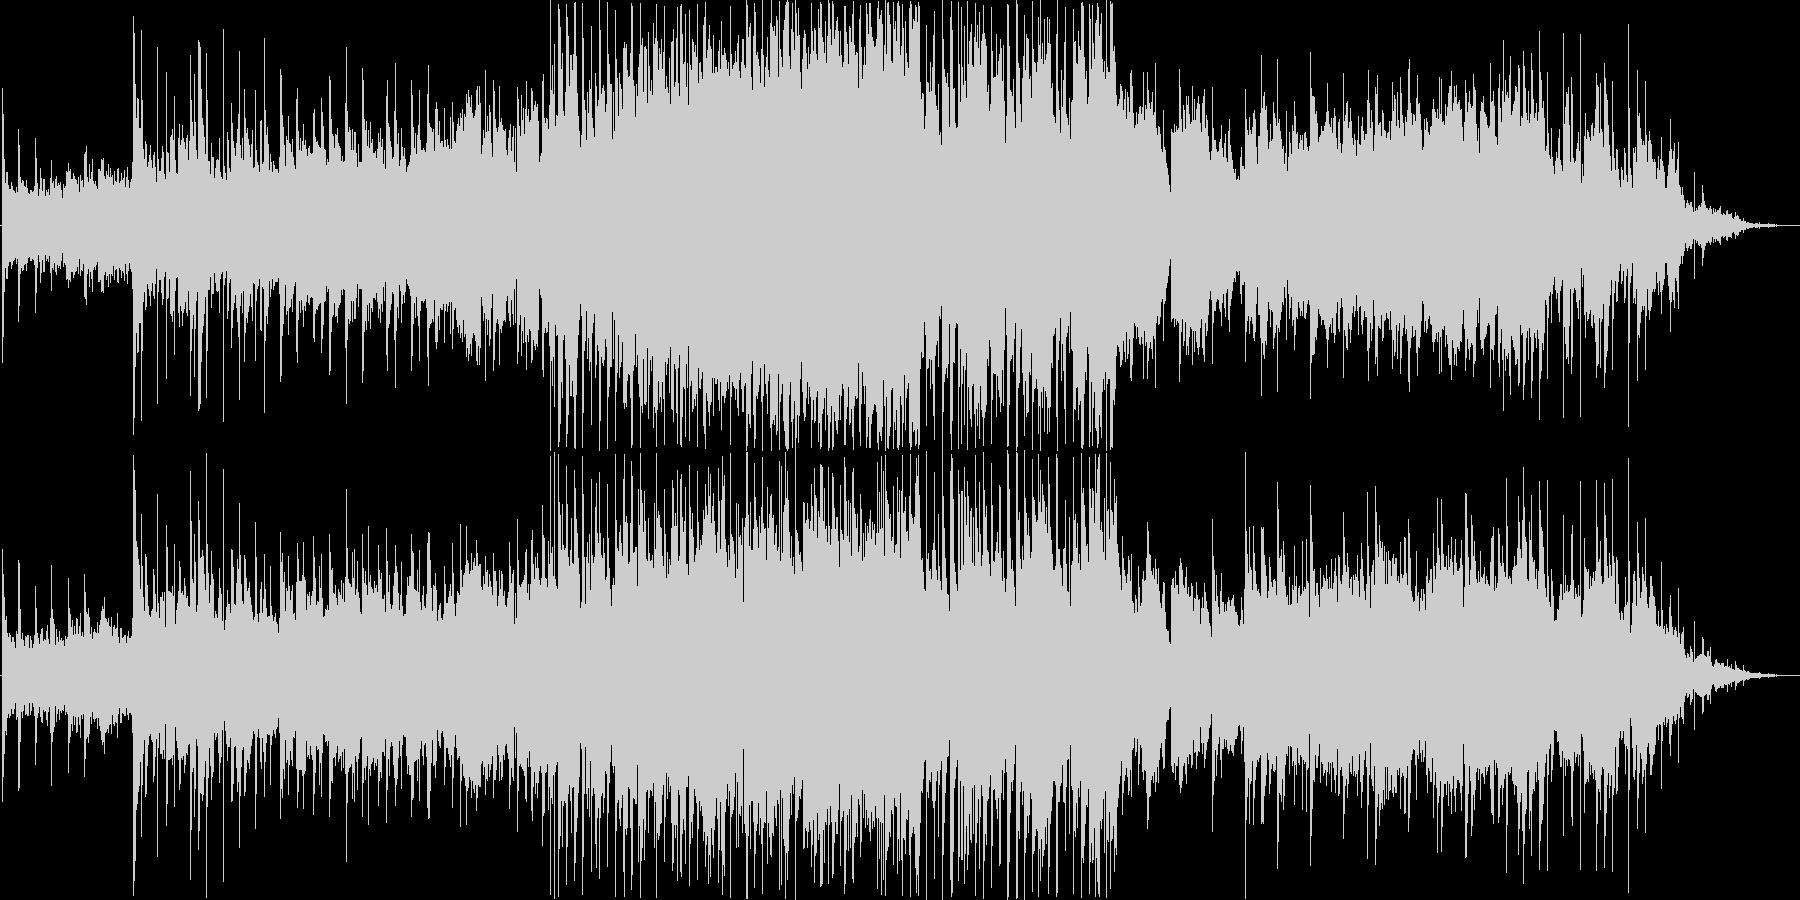 シェナンドー(アメリカ民謡)のアレンジの未再生の波形